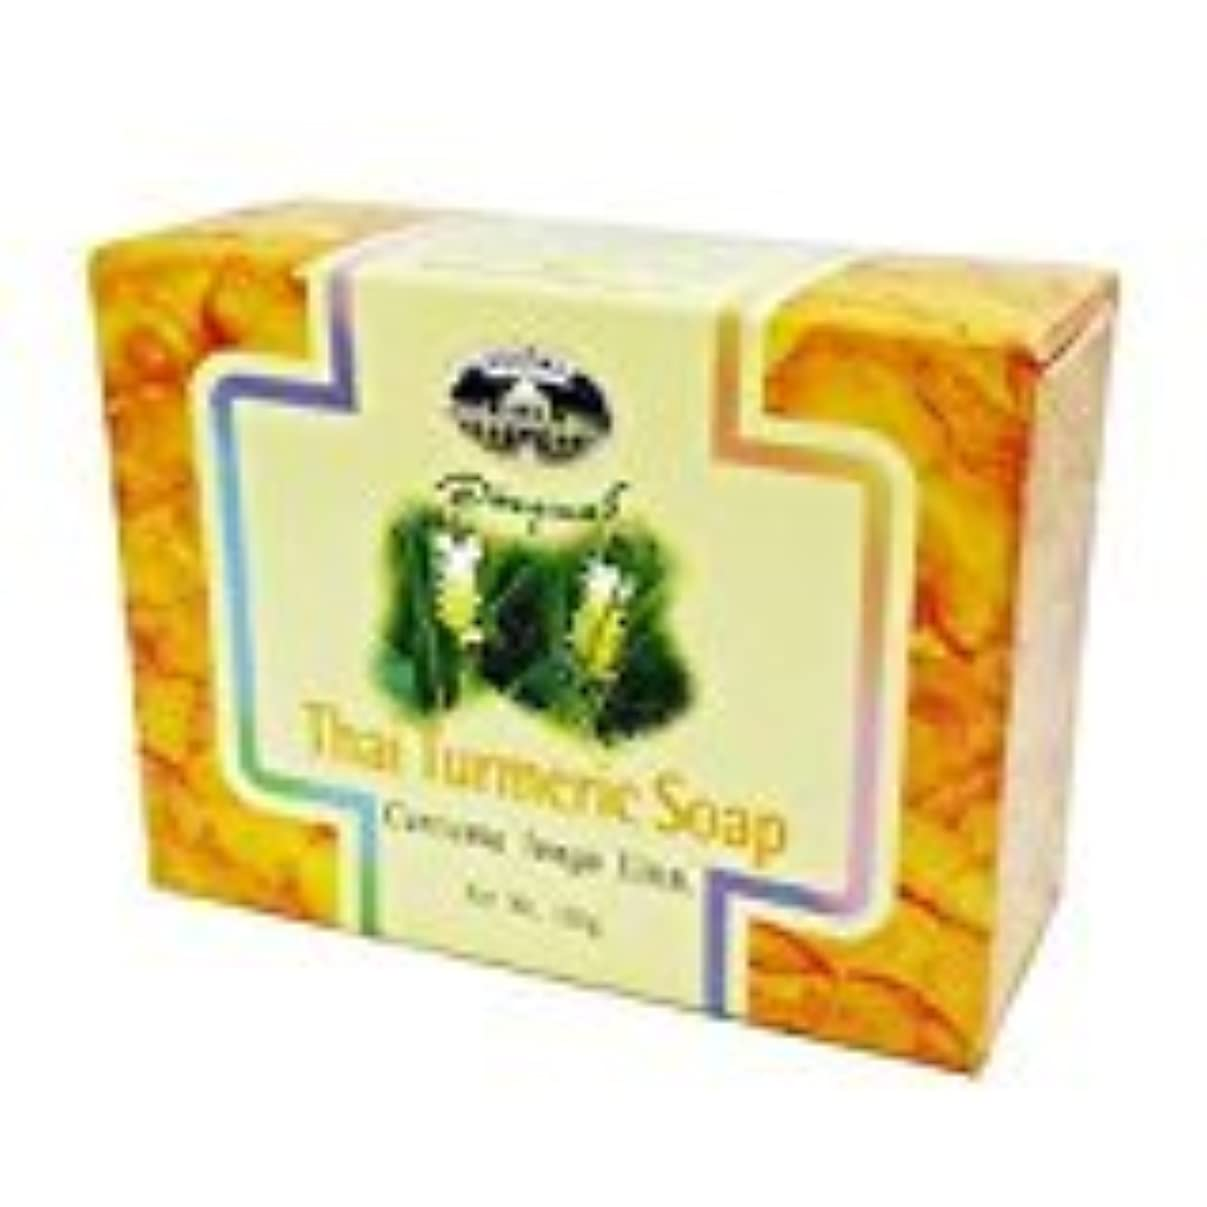 統合する君主芝生ウコン石けん abhaibhubejhr Turmeric soap 100g